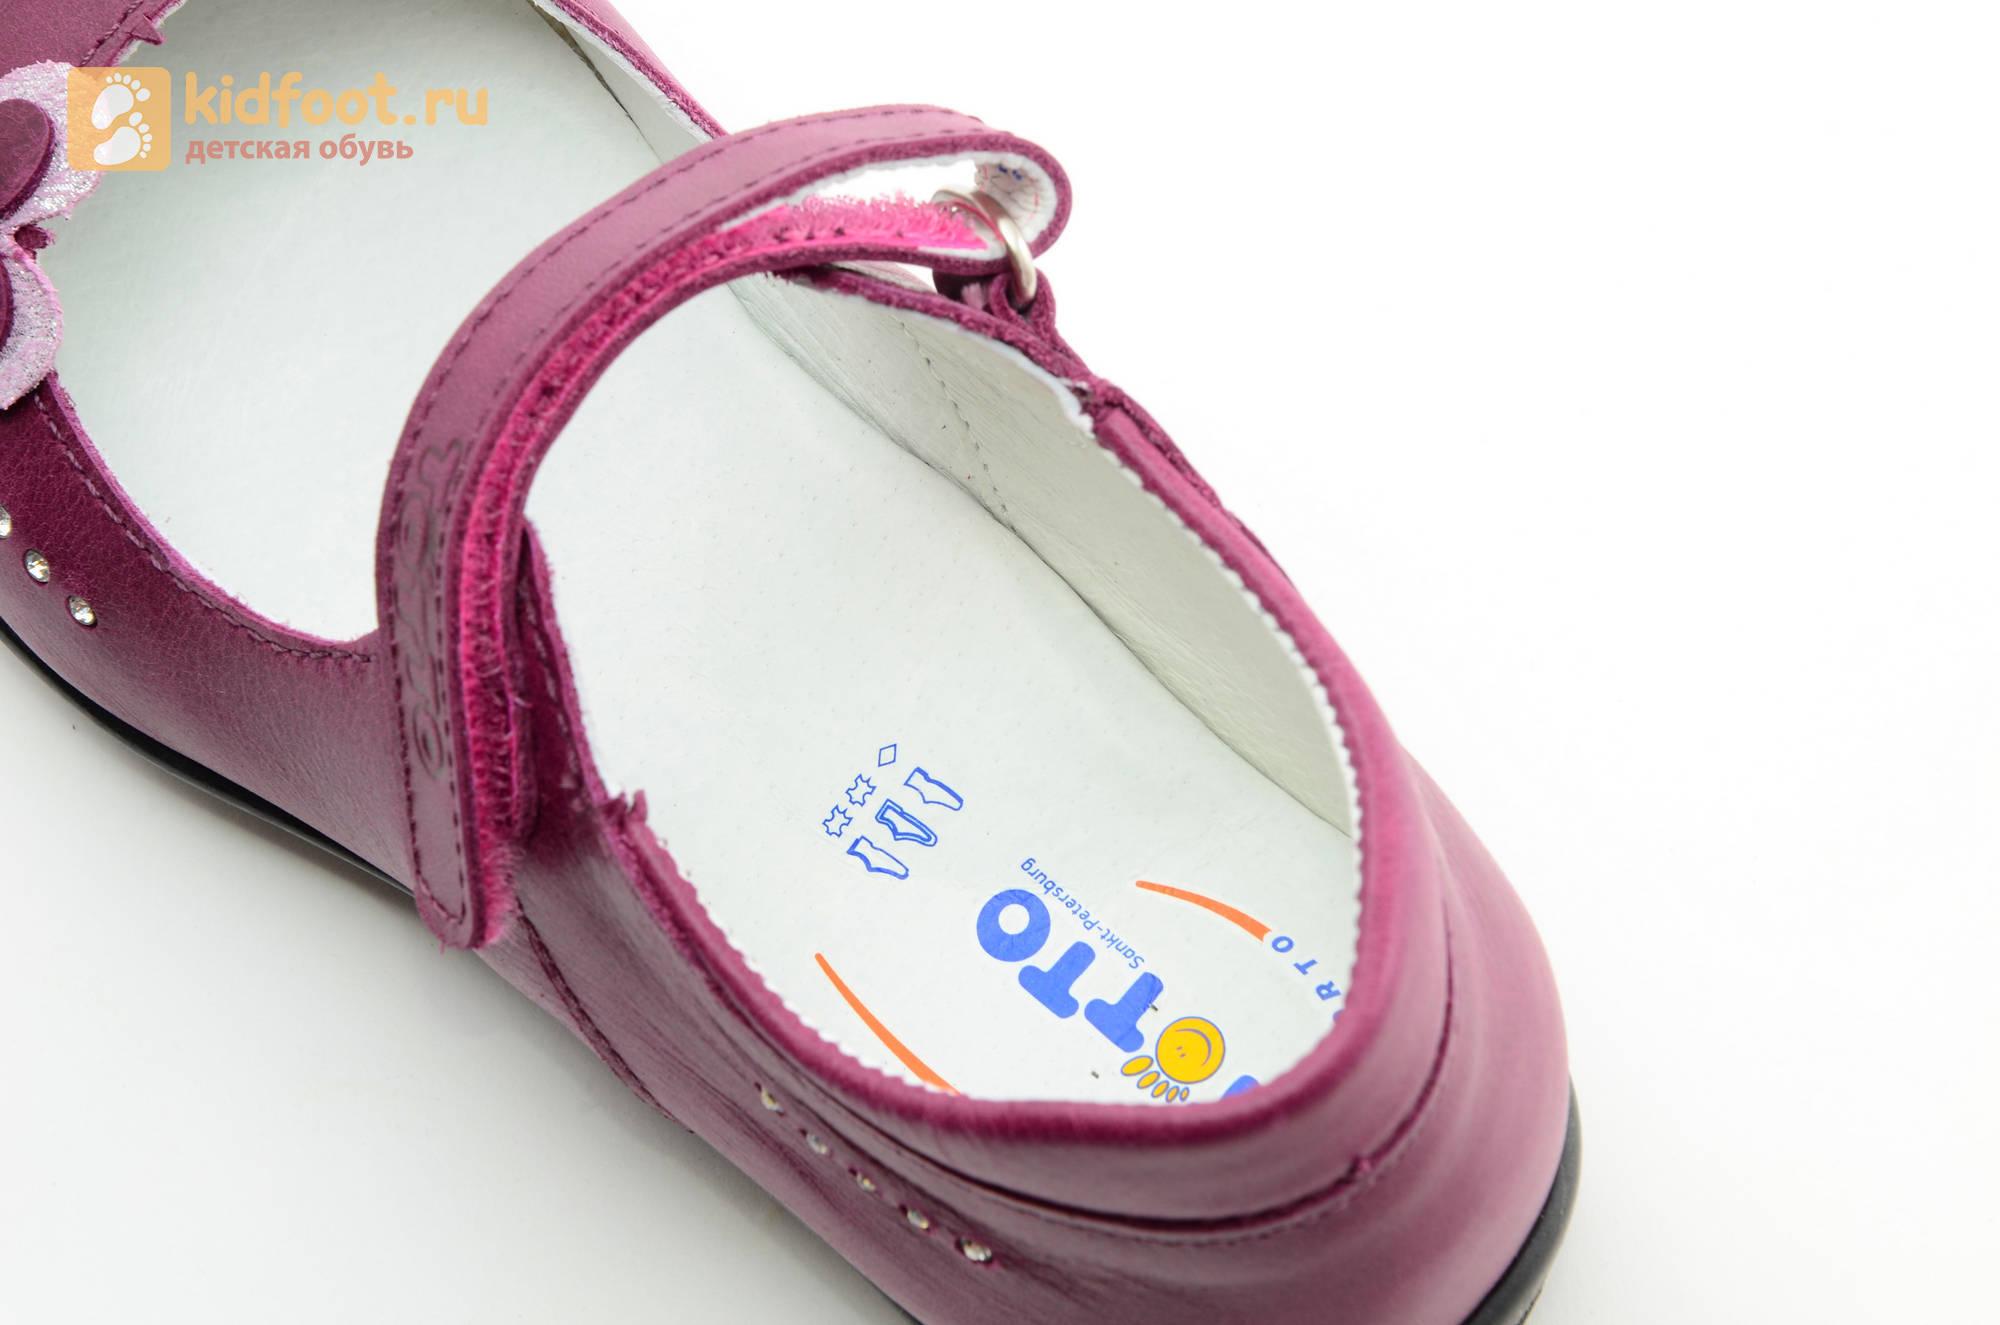 Туфли Тотто из натуральной кожи на липучке для девочек, цвет Лиловый,  10204C